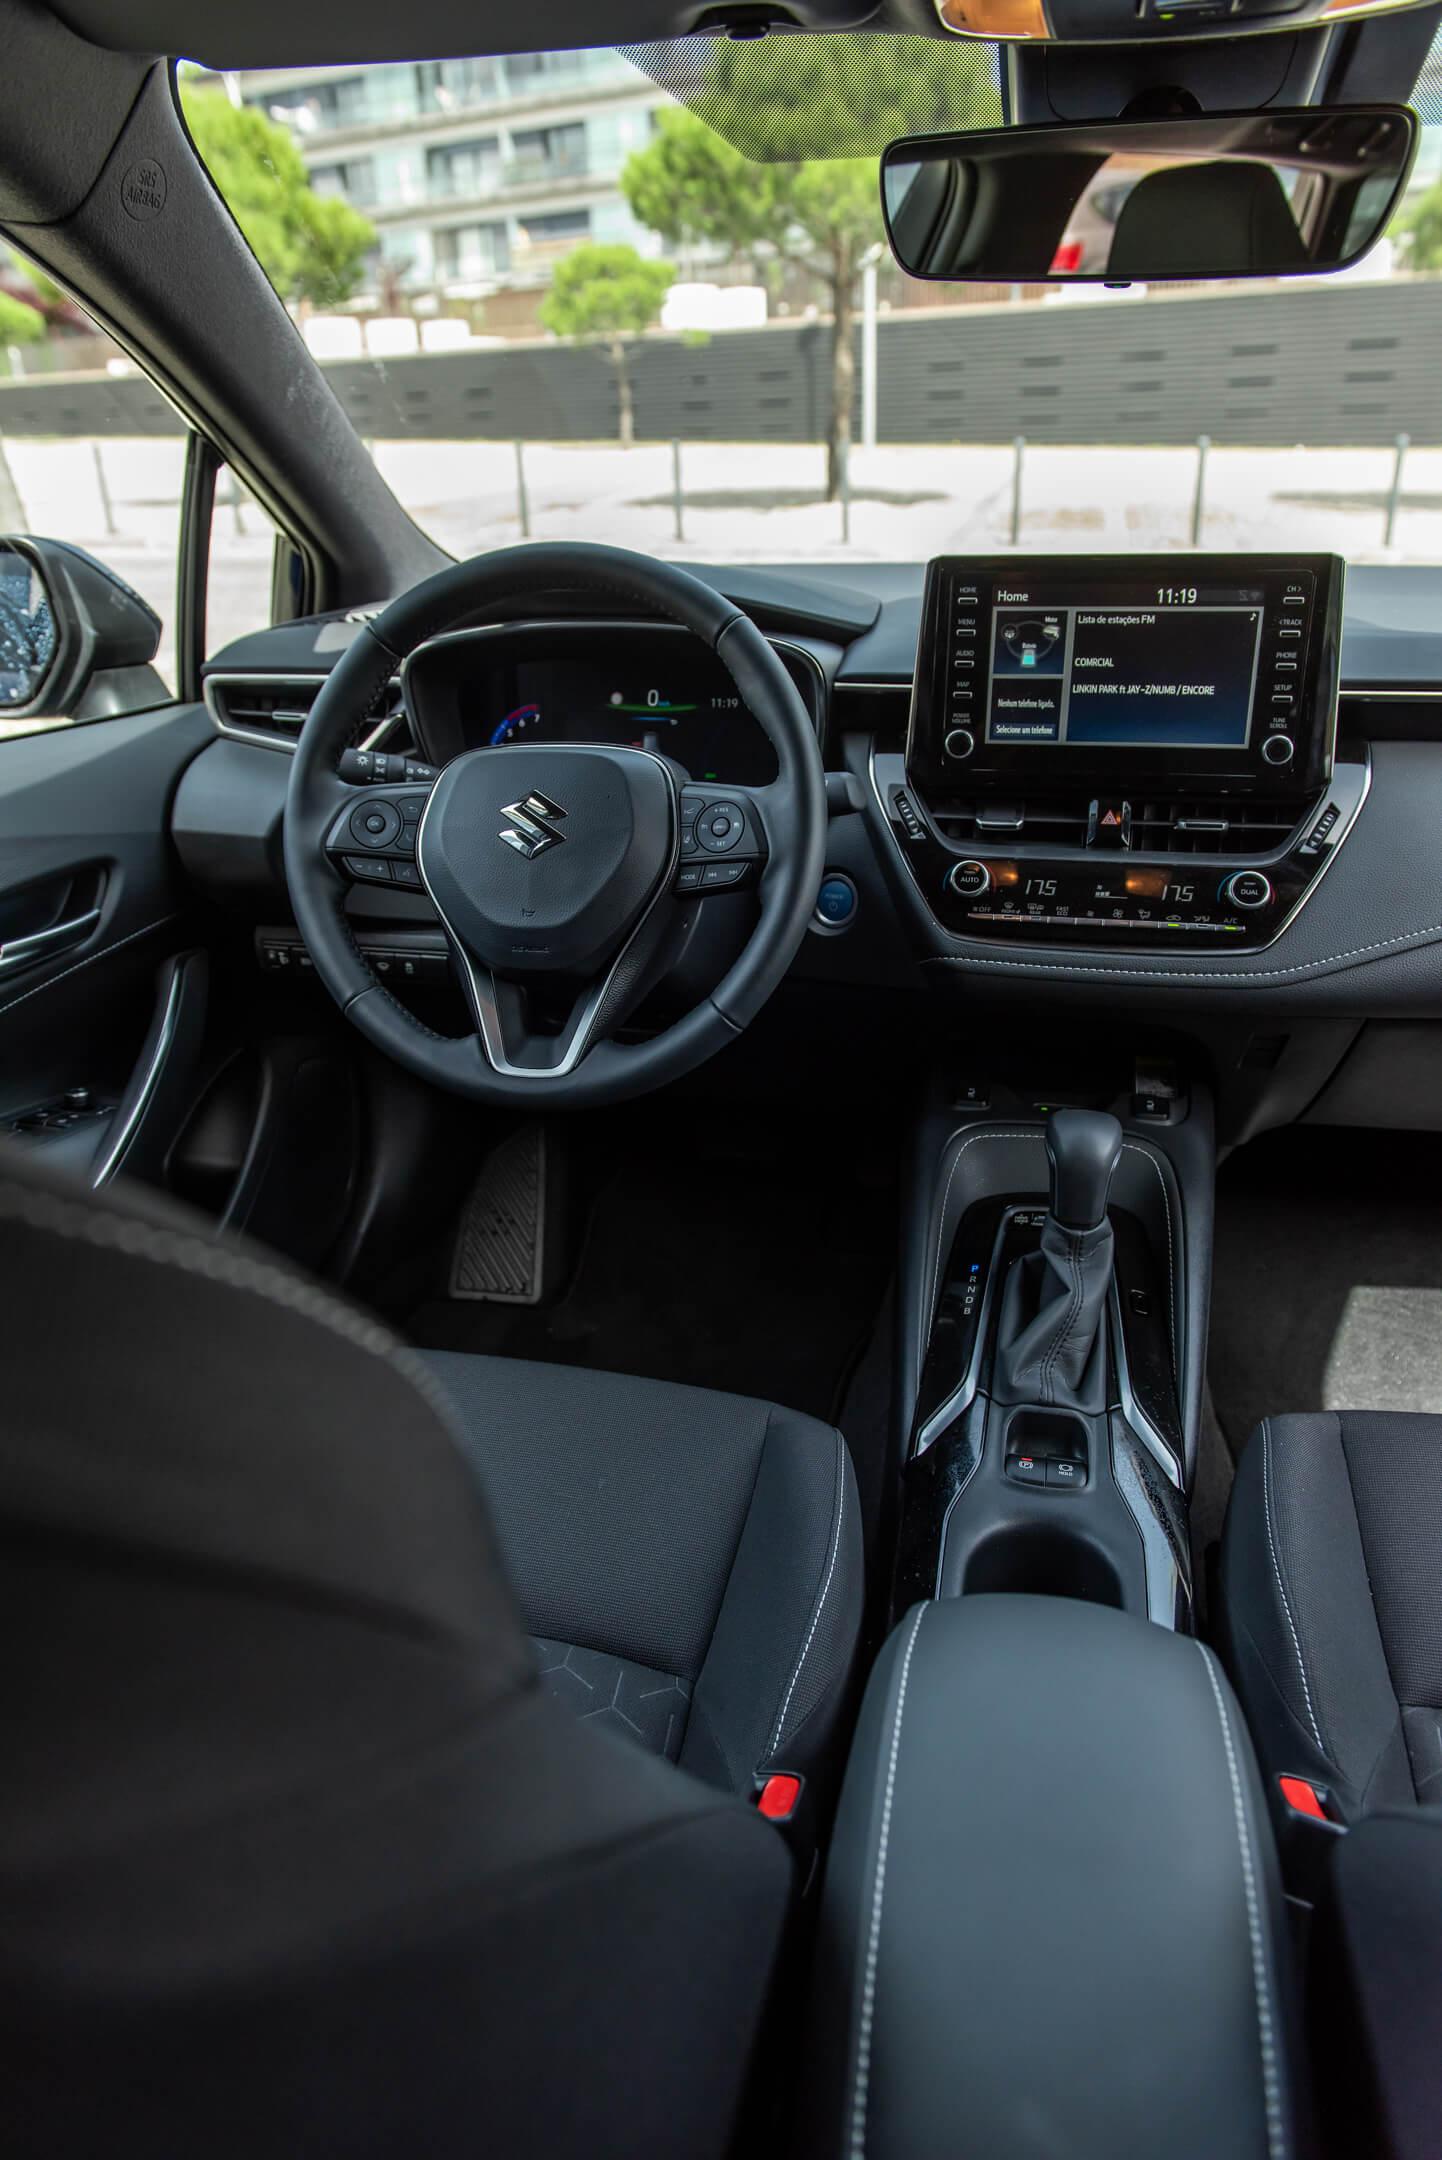 Suzuki Swace 1.8 Hybrid